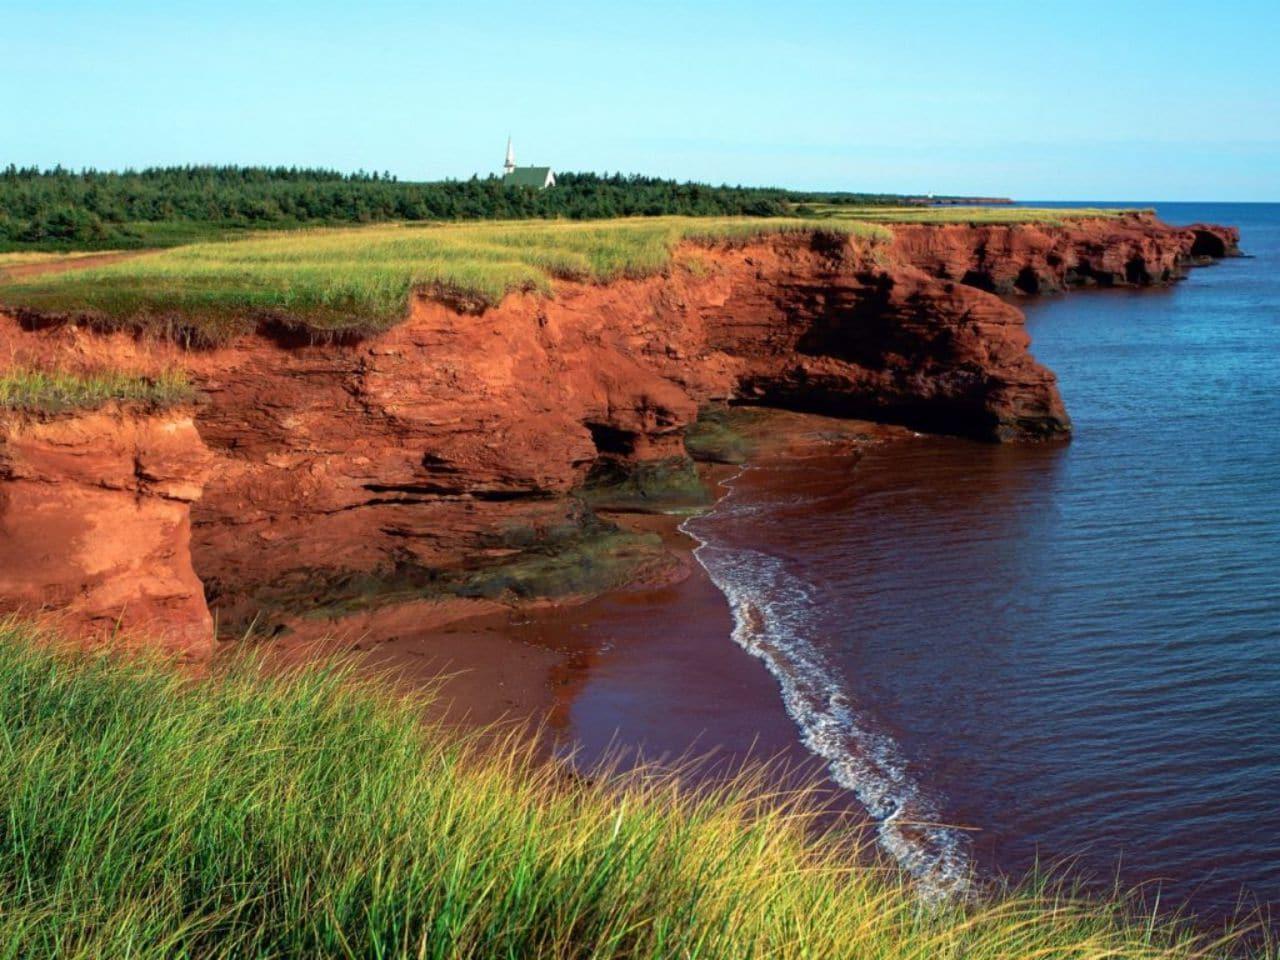 넷플릭스 오리지널 빨간 머리 앤 촬영지 캐나다 프린스 에드워드 섬 02 Prince Edward Island canada,Image -mustseeplaces.eu